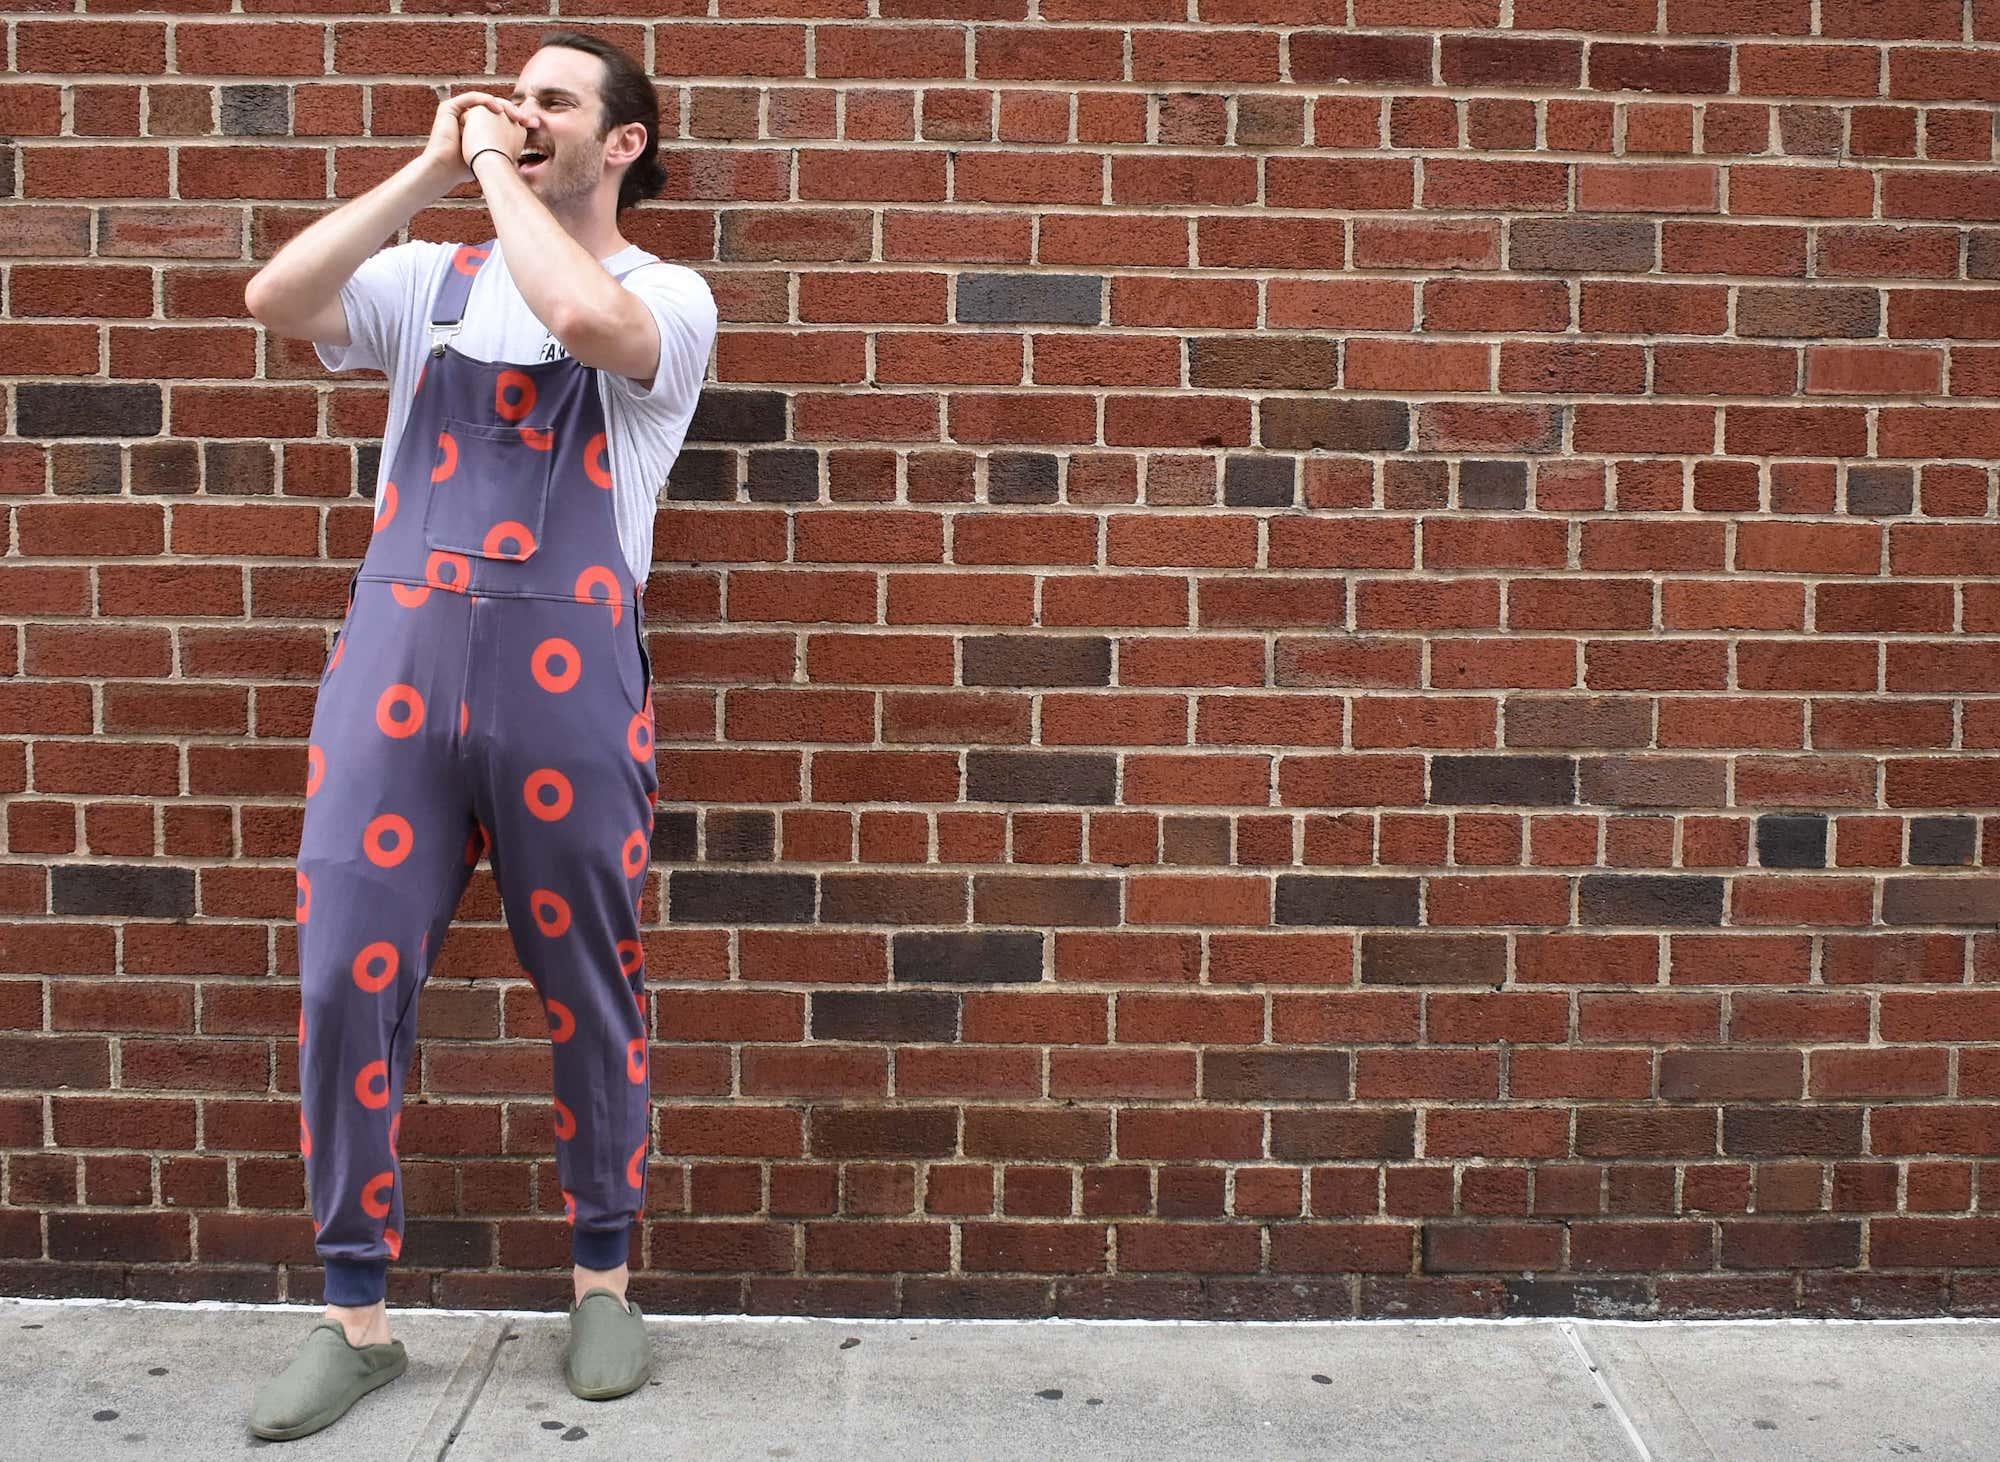 phish fishman overalls